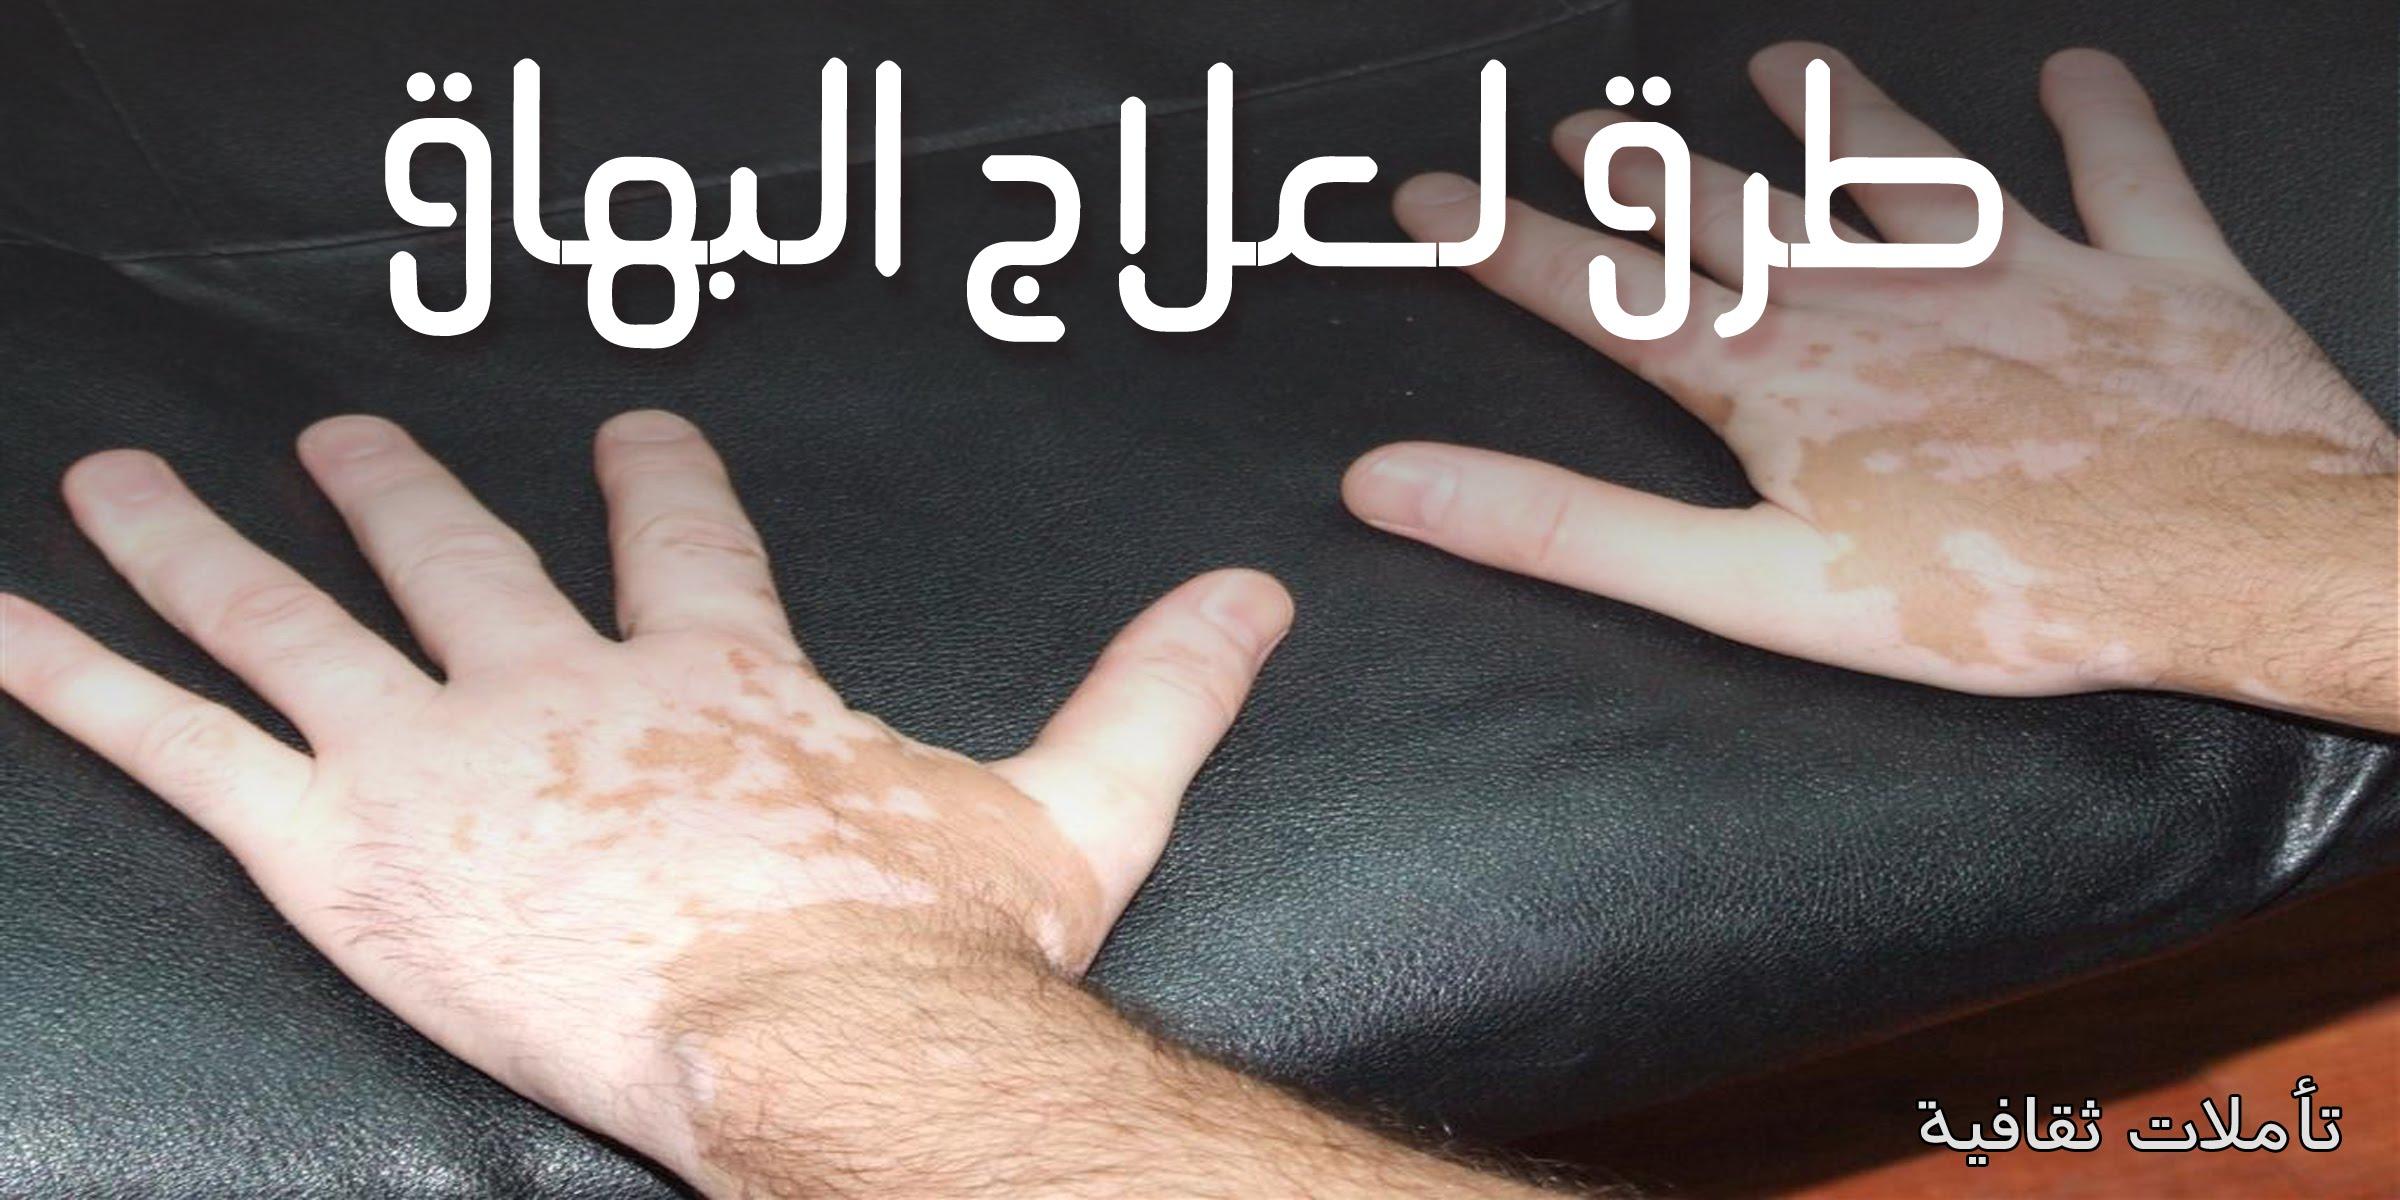 بالصور علاج البرص , كيف تعالج البرص 4927 2